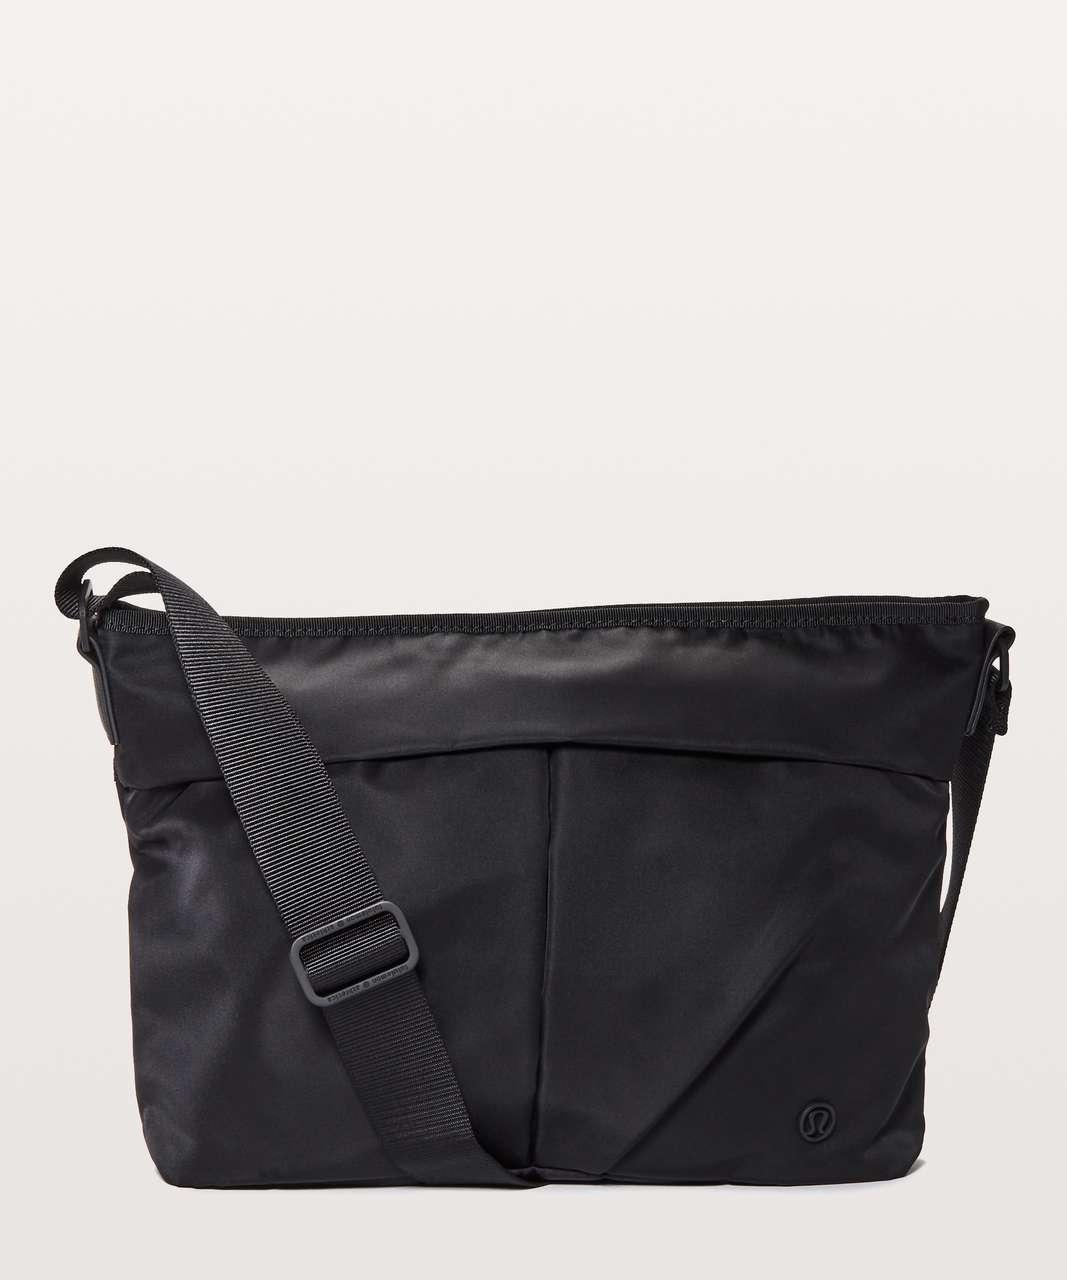 Lululemon City Adventurer Shoulder Bag *7L - Black